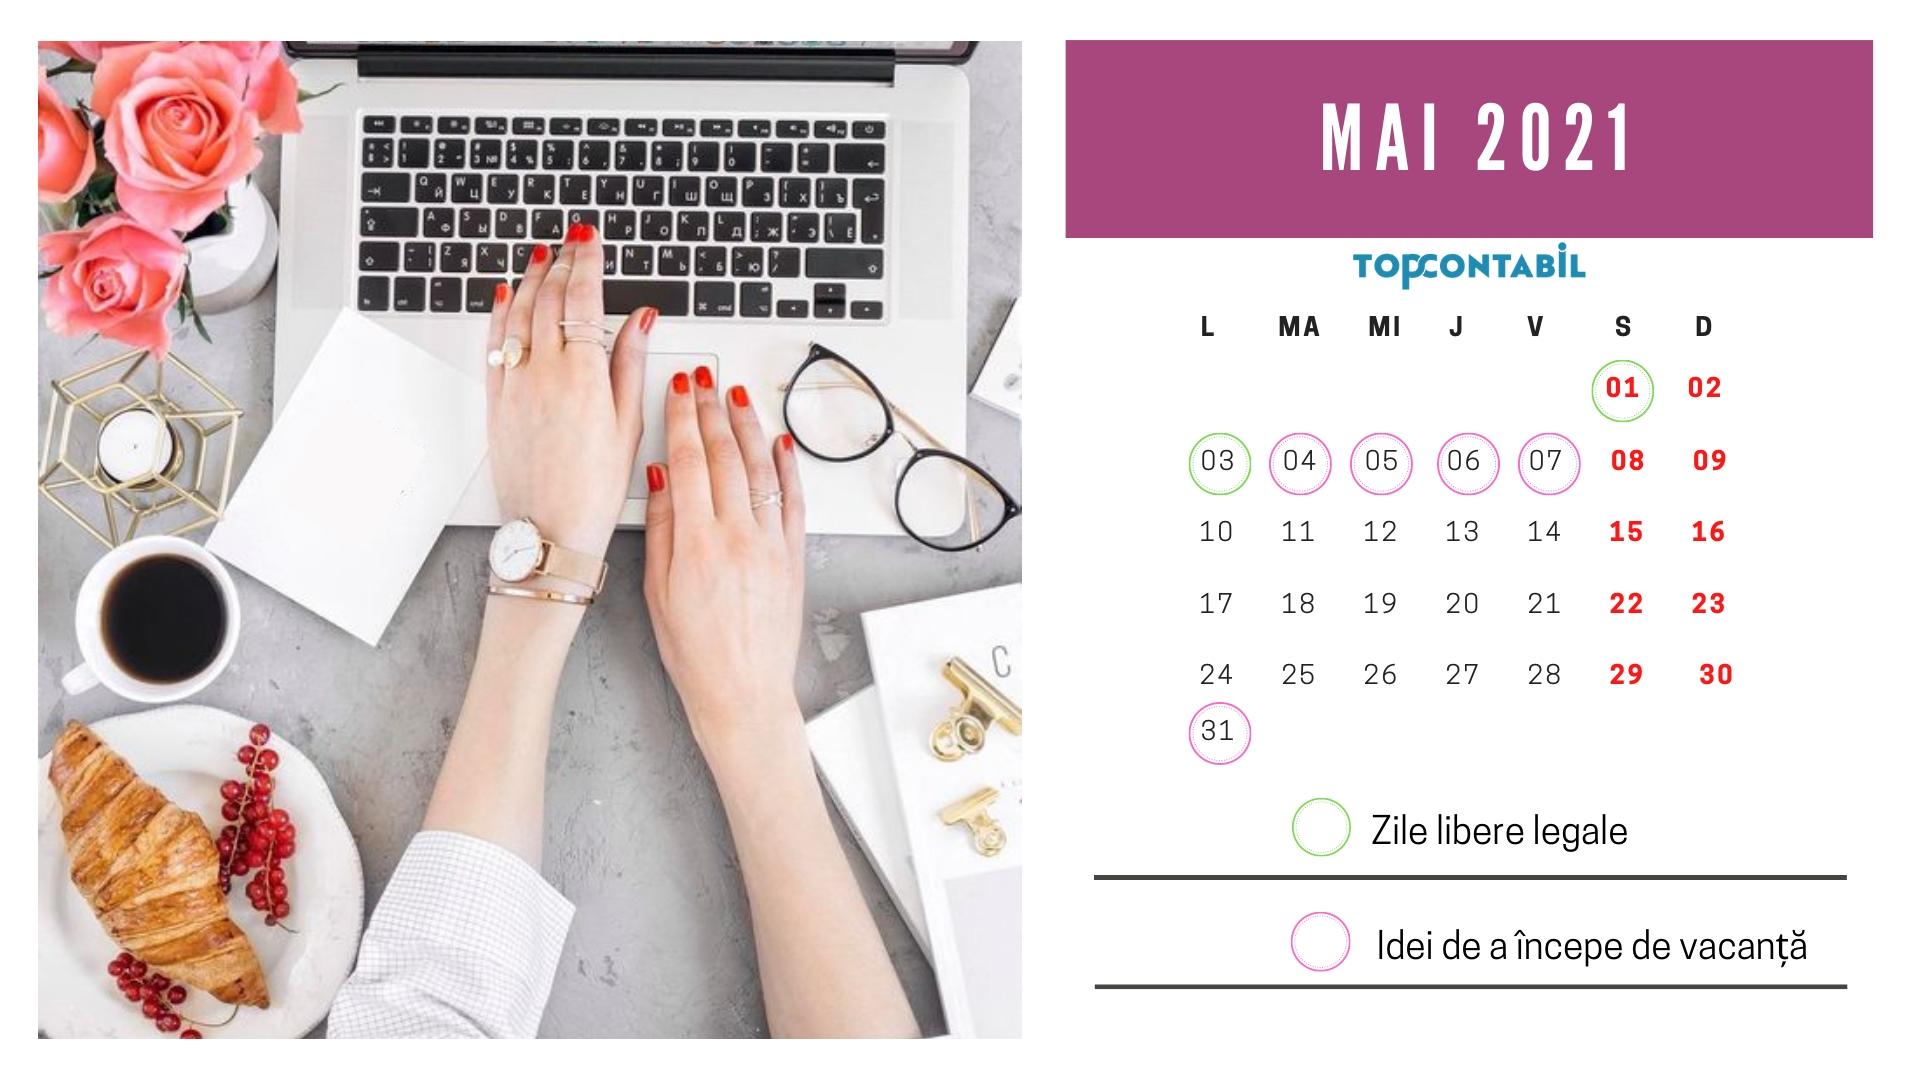 Calendarul Sărbătorilor Legale În 2021. • Topcontabil pertaining to Zile Libere Anul 2021